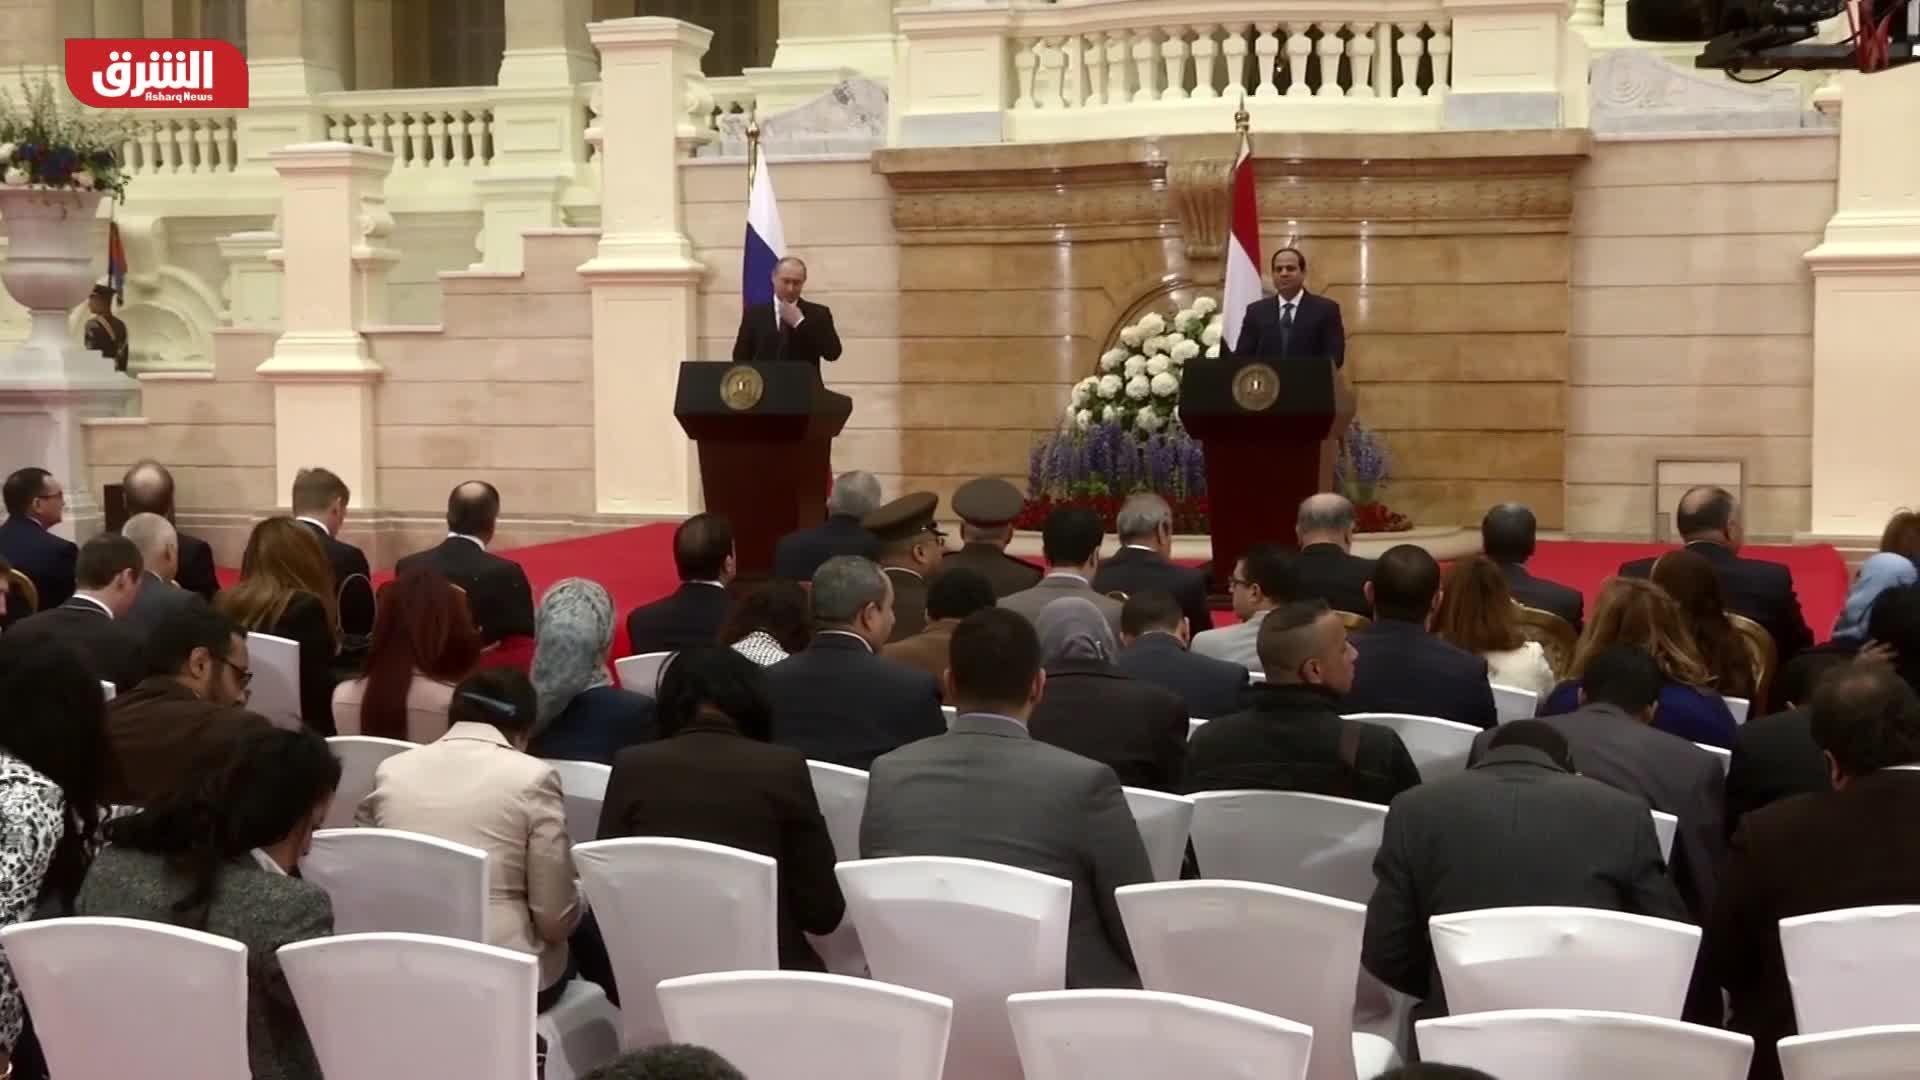 روسيا تُصدّر مواردها ومصر في واجهة الاستثمار